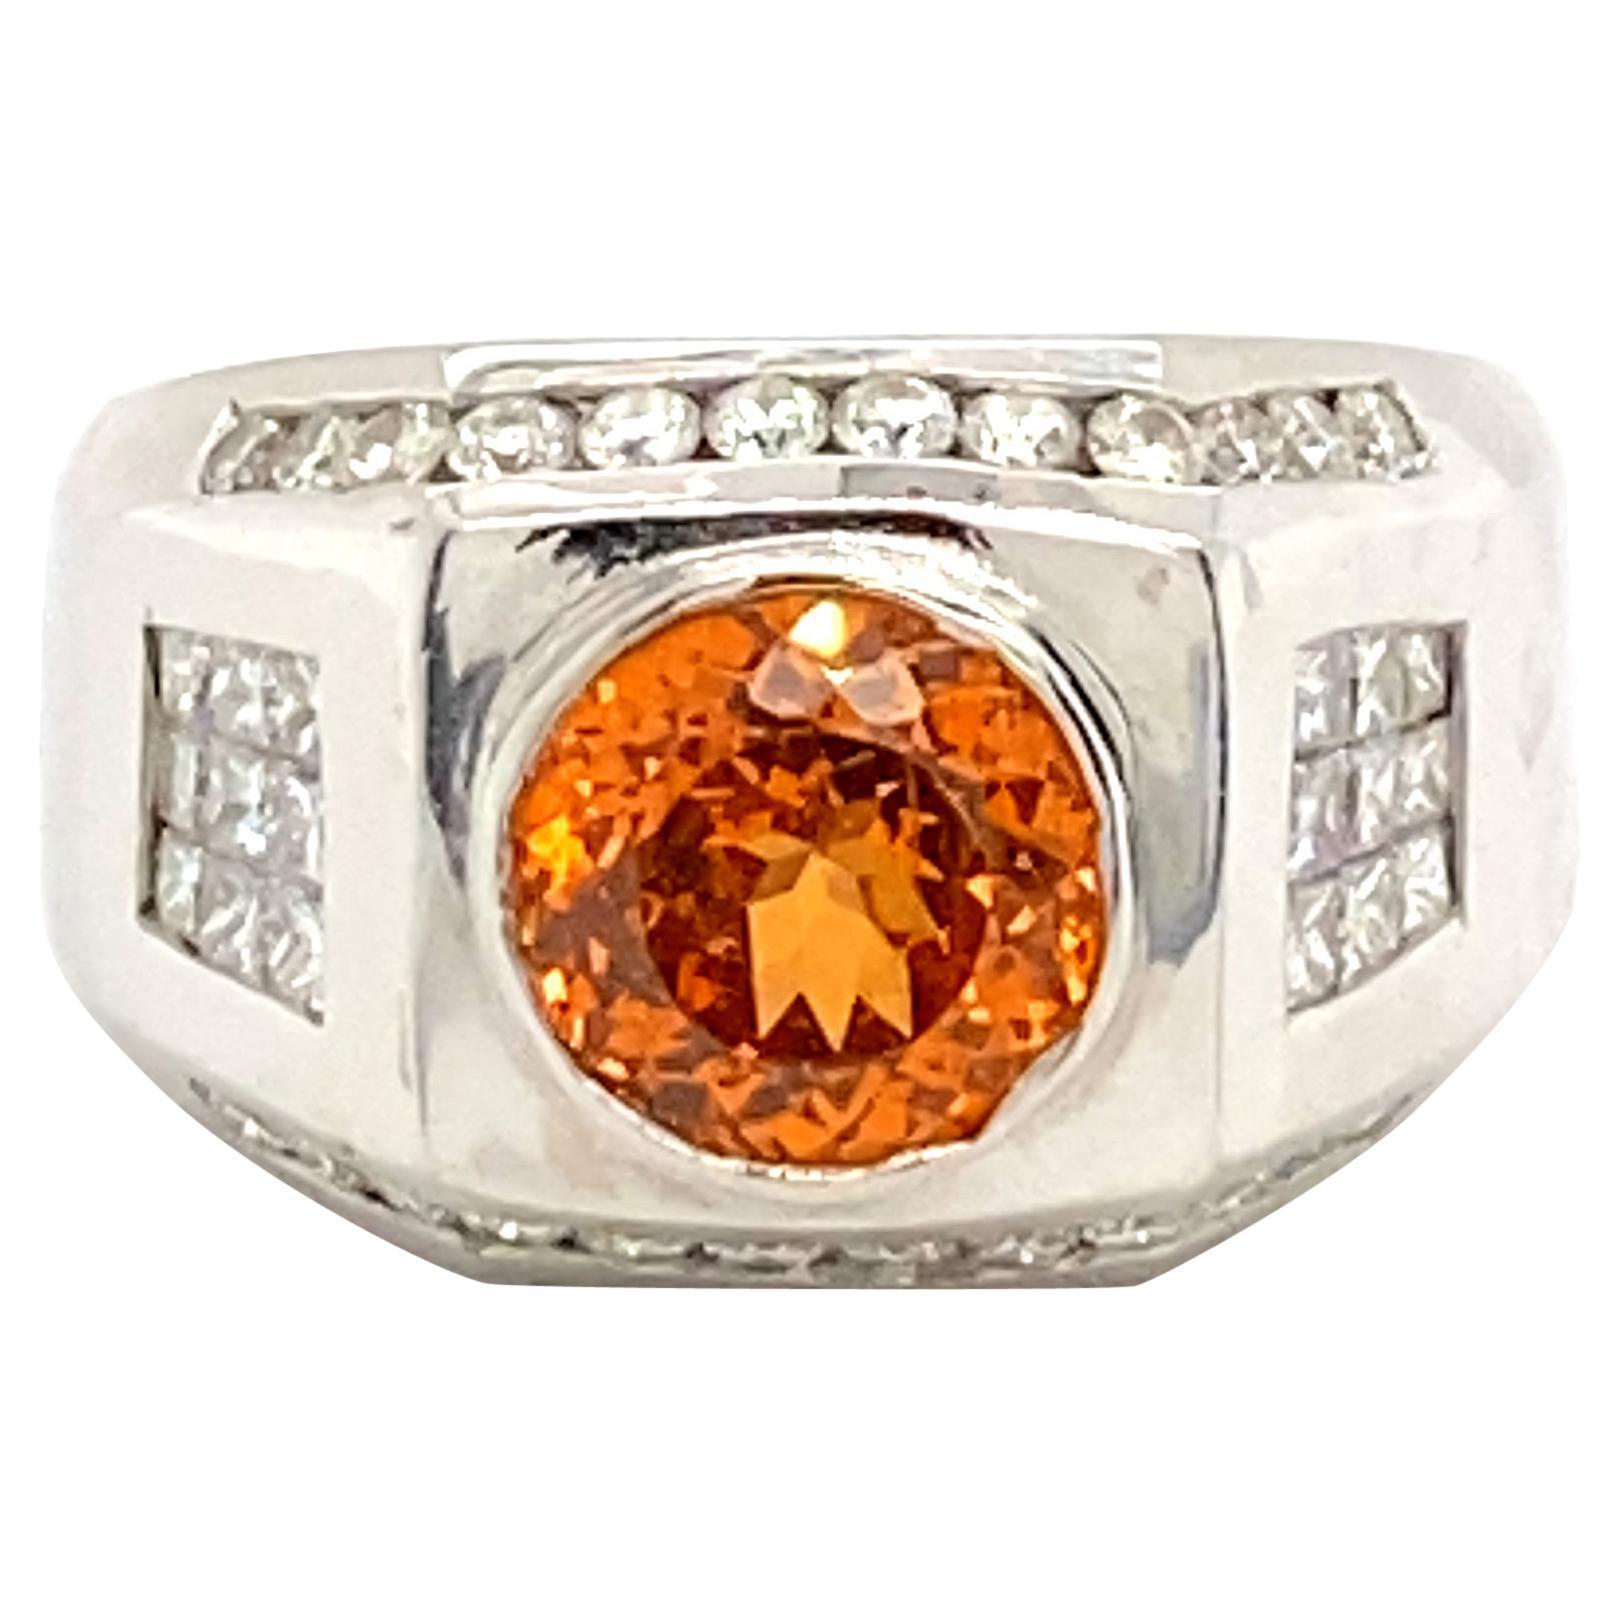 6 Carat Garnet Ring with 2.40 Carats of Diamonds